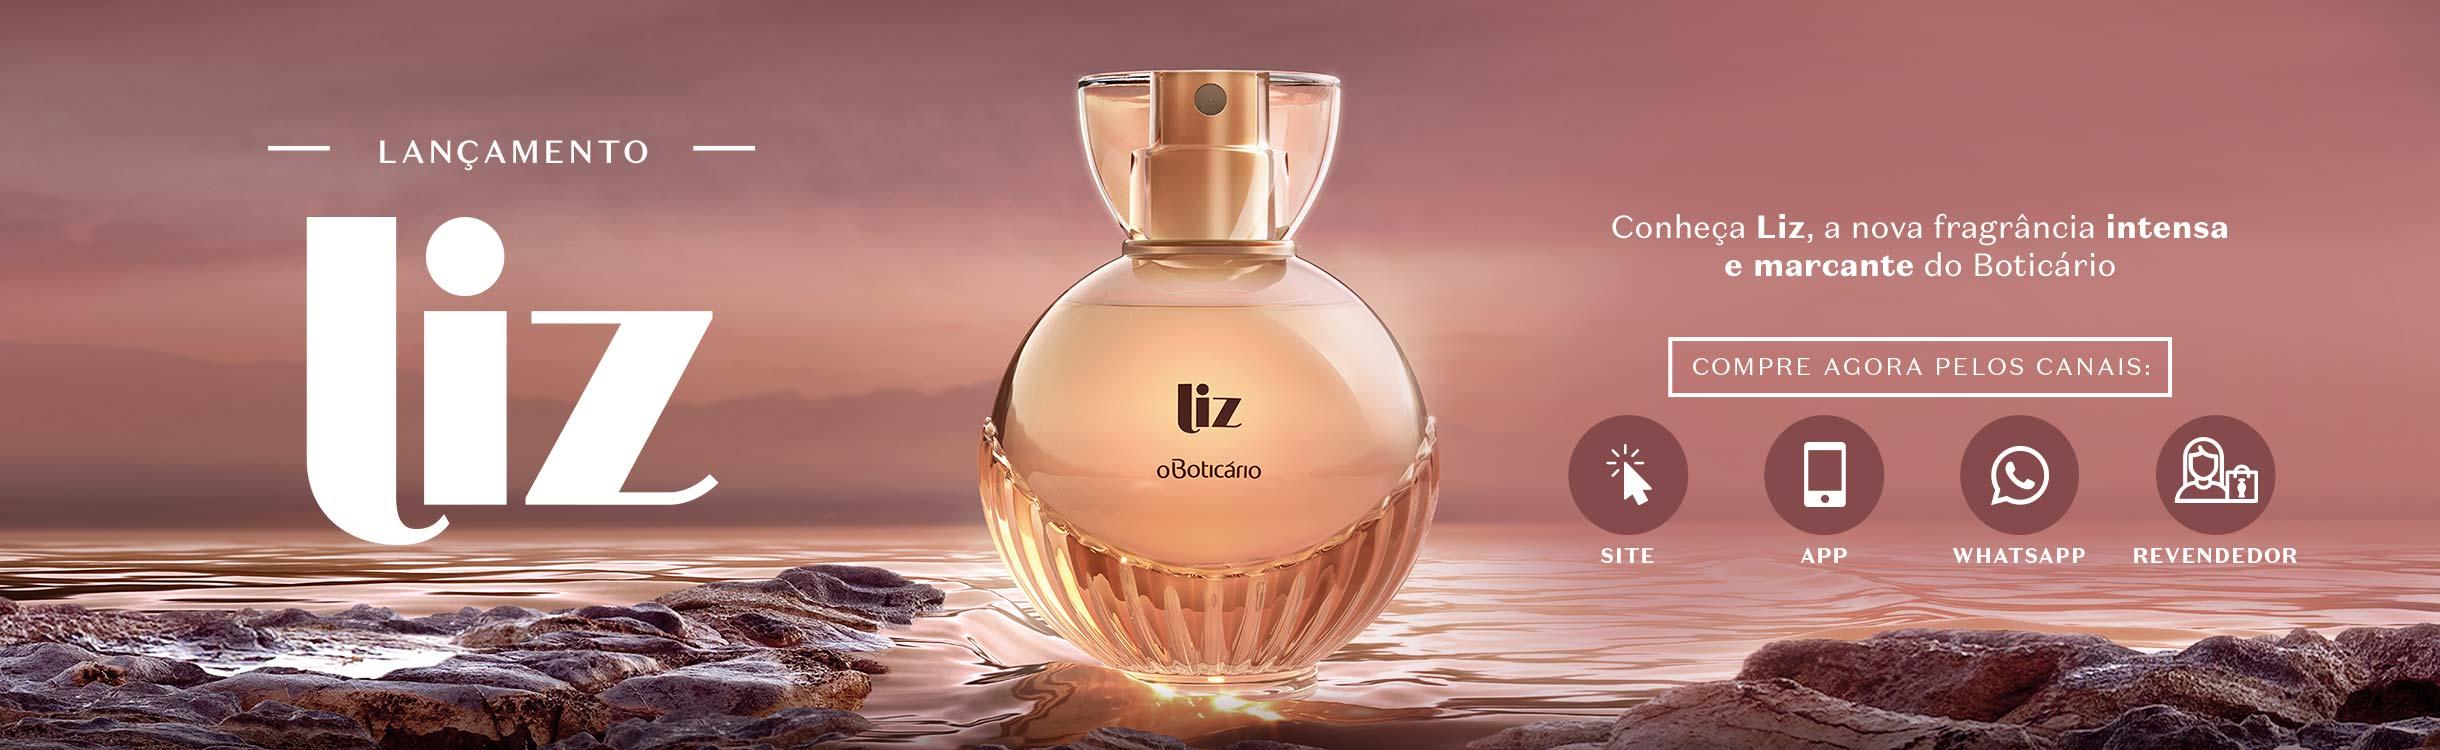 Conheça Liz, a nova fragrância do Boticário.